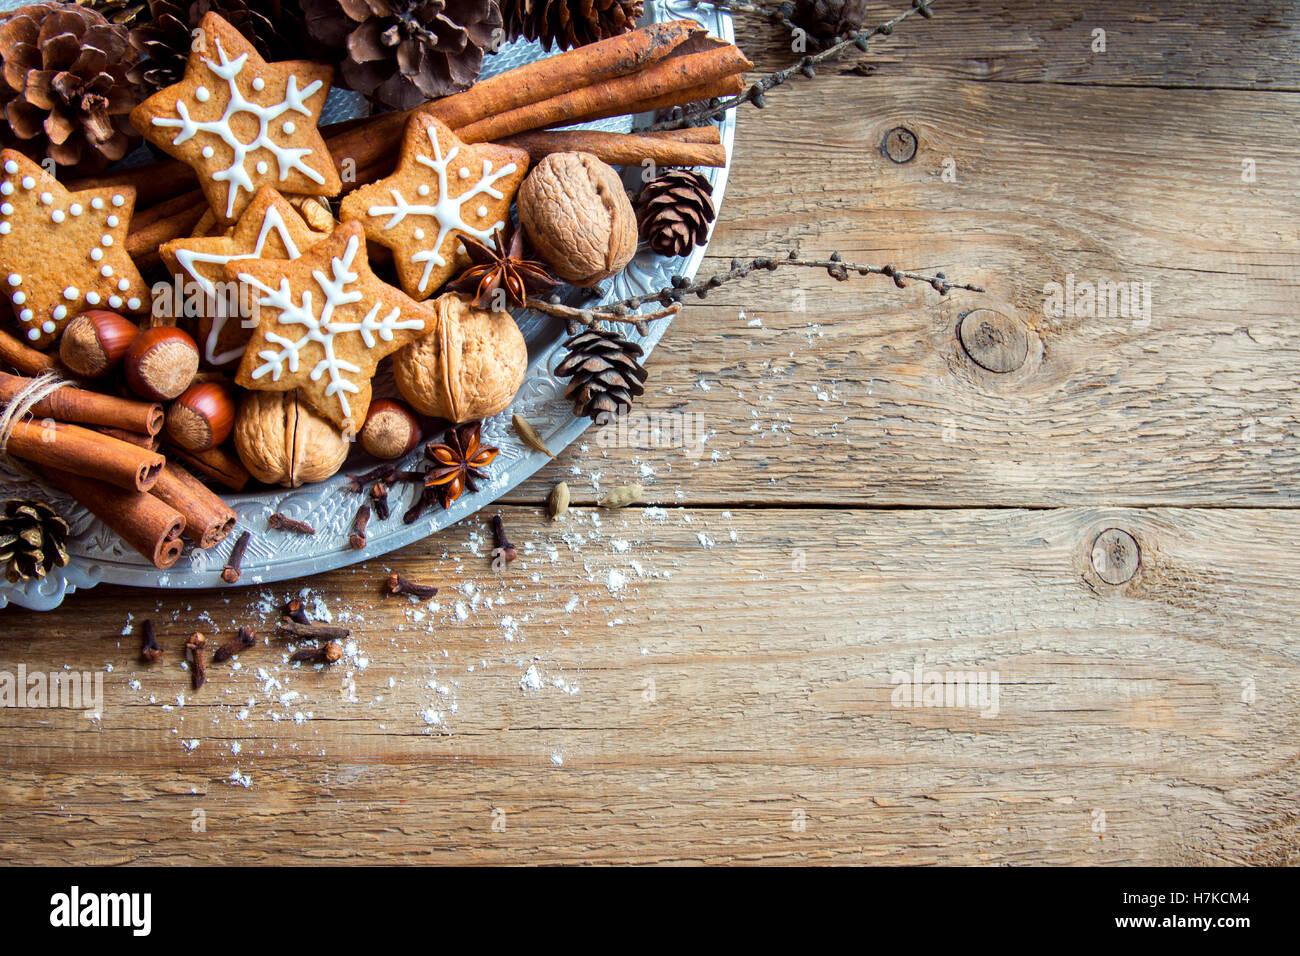 Decoración de Navidad con galletas de jengibre casera, estrellas, conos, nueces y especias de Navidad sobre Imagen De Stock